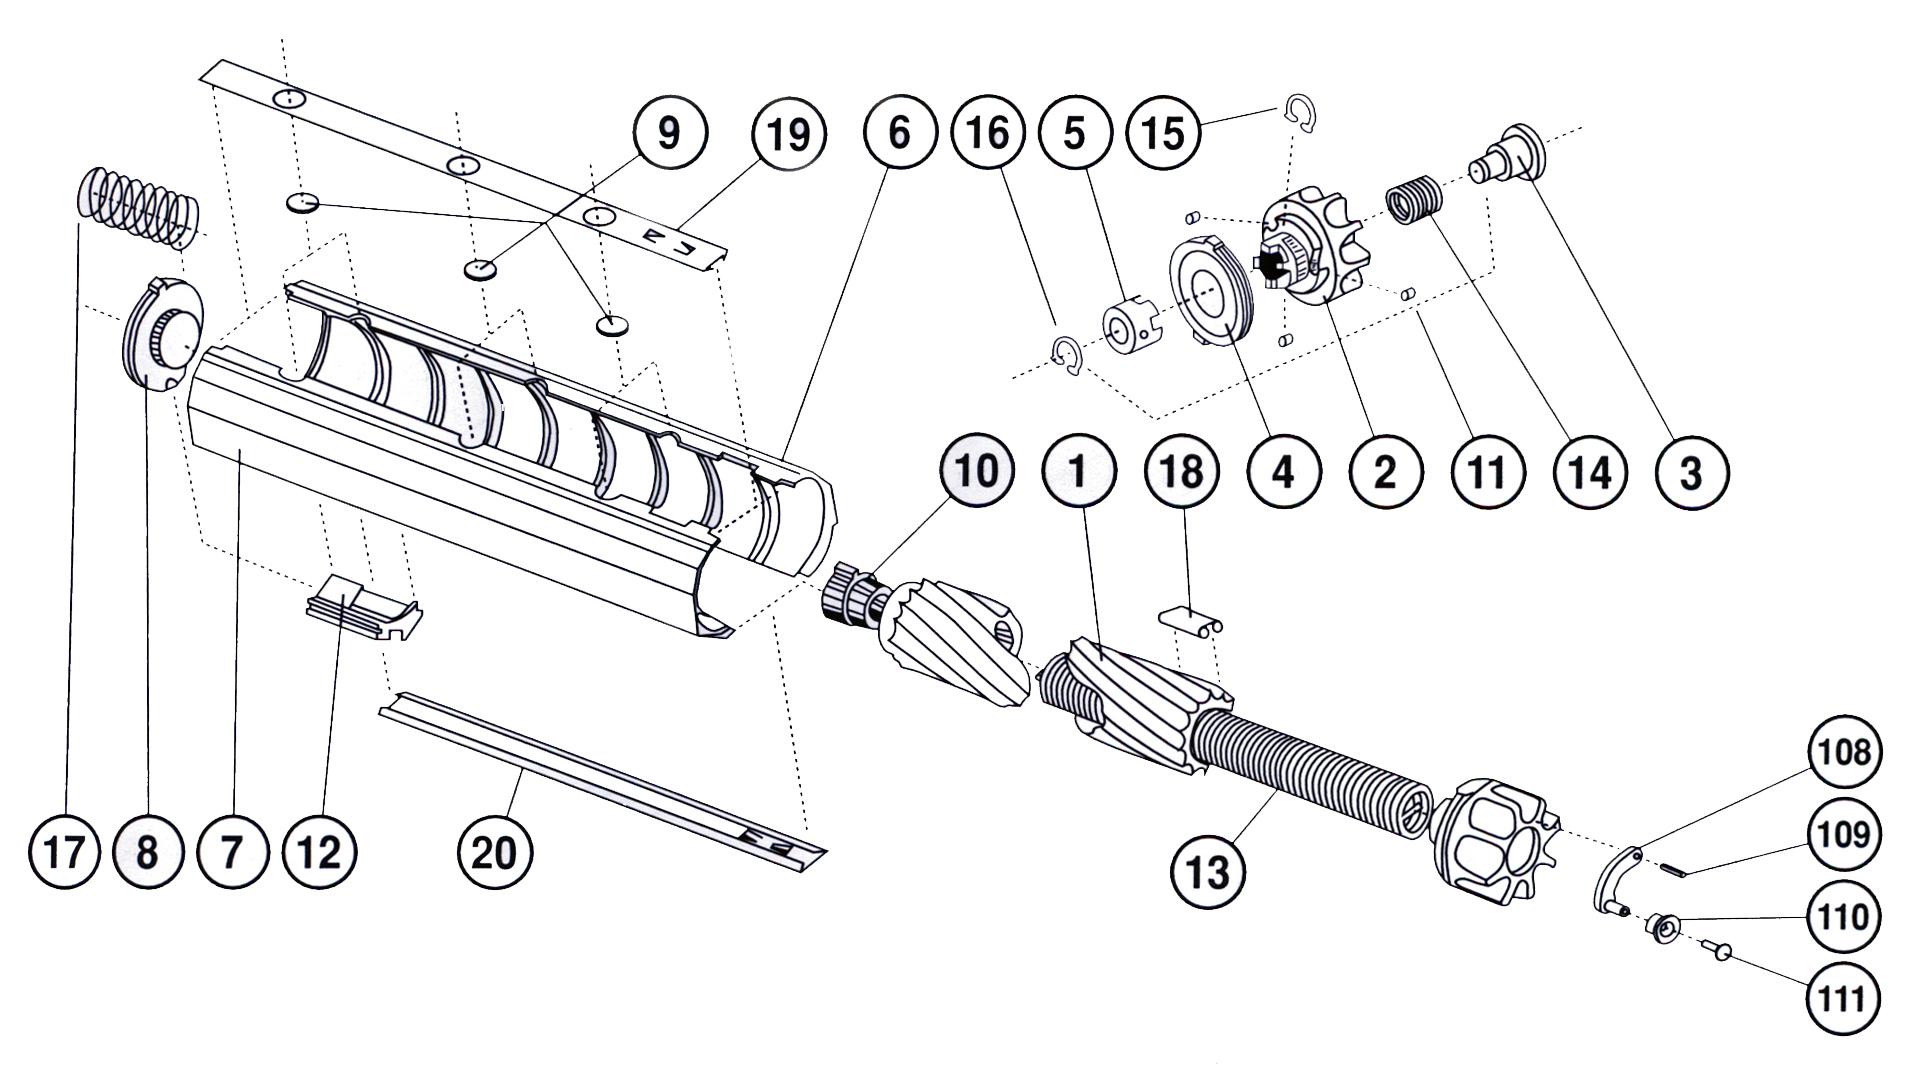 22LR Magazine Parts Breakdown